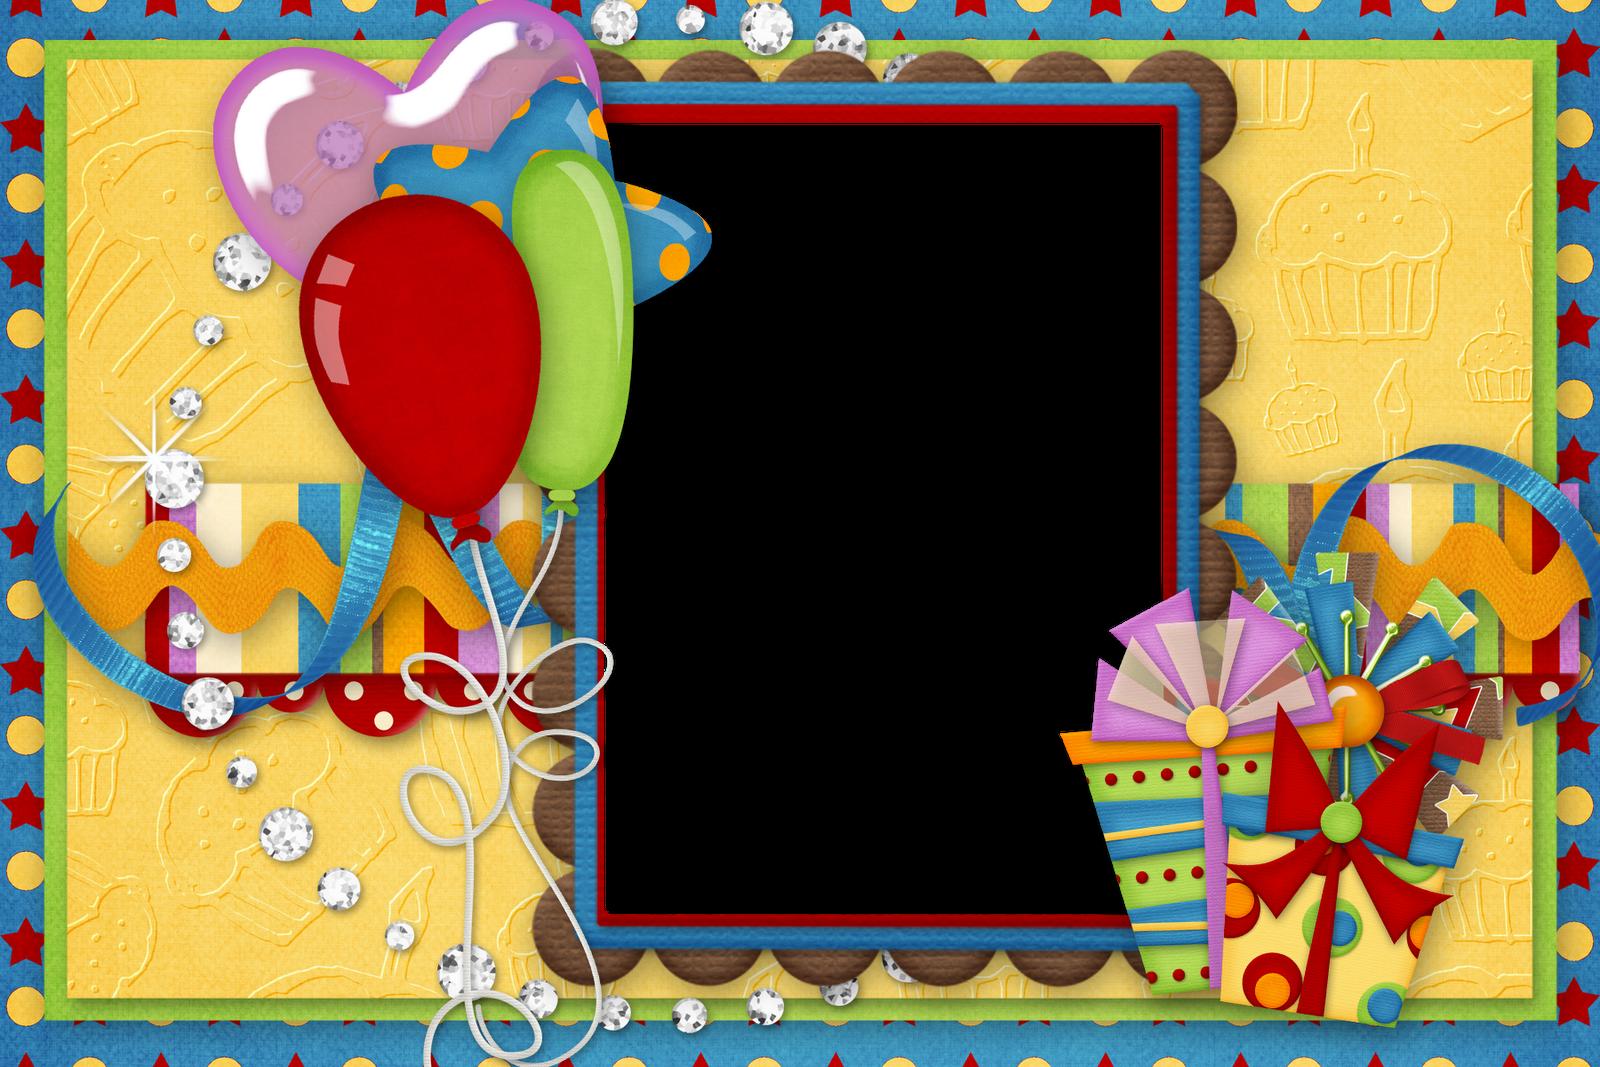 marcos para fotos de cumpleaños.